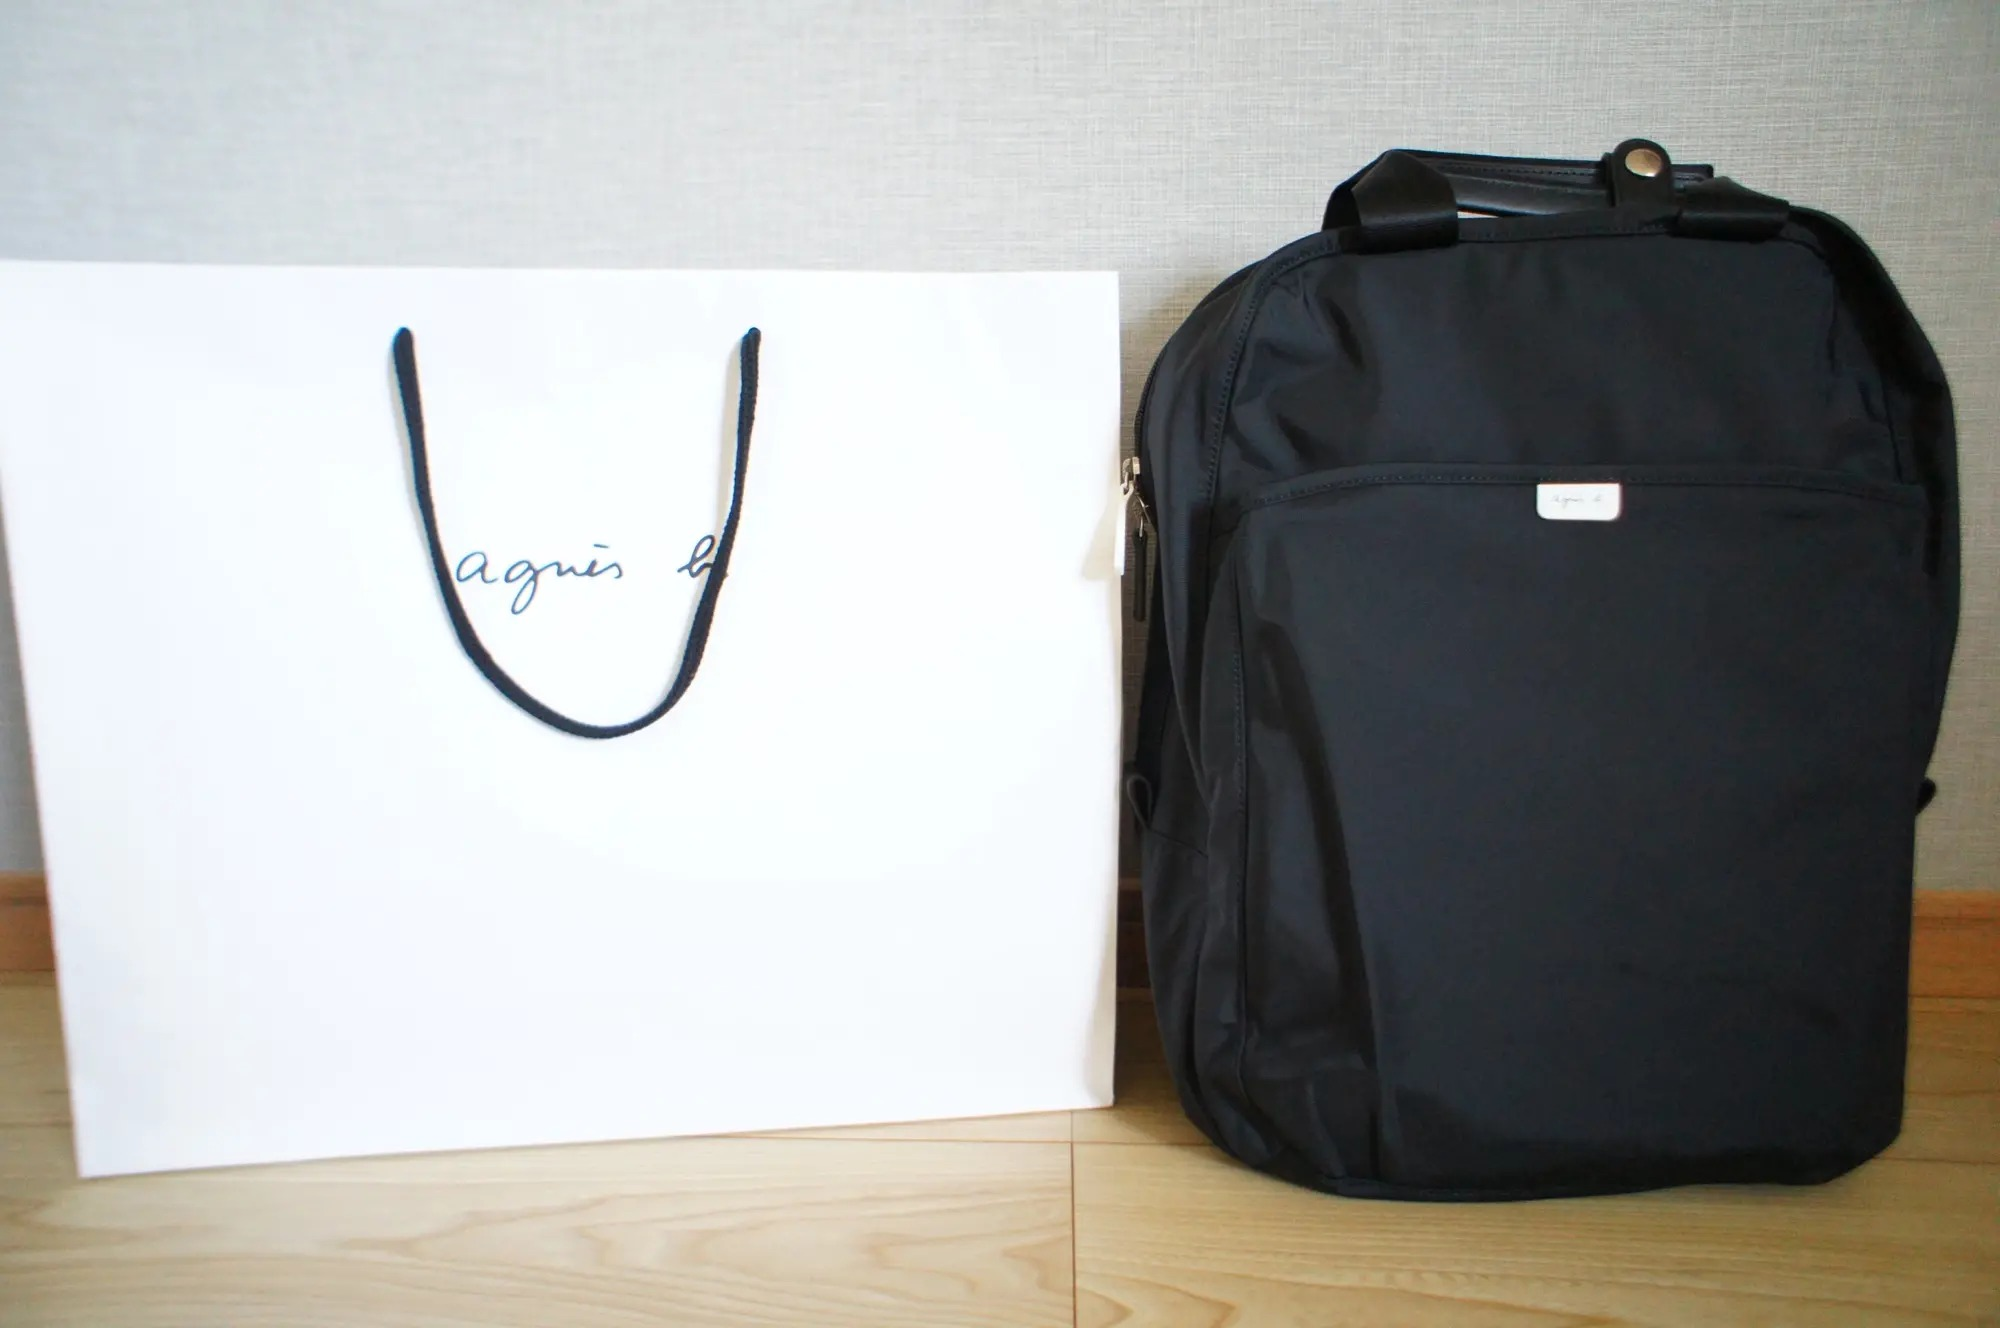 『アニエスベー』のリュックを通勤バッグに♪ ウェーブタイプ×ブルベ夏さんにおすすめ『GU』アイテム【今週のMOREインフルエンサーズファッション人気ランキング】_3